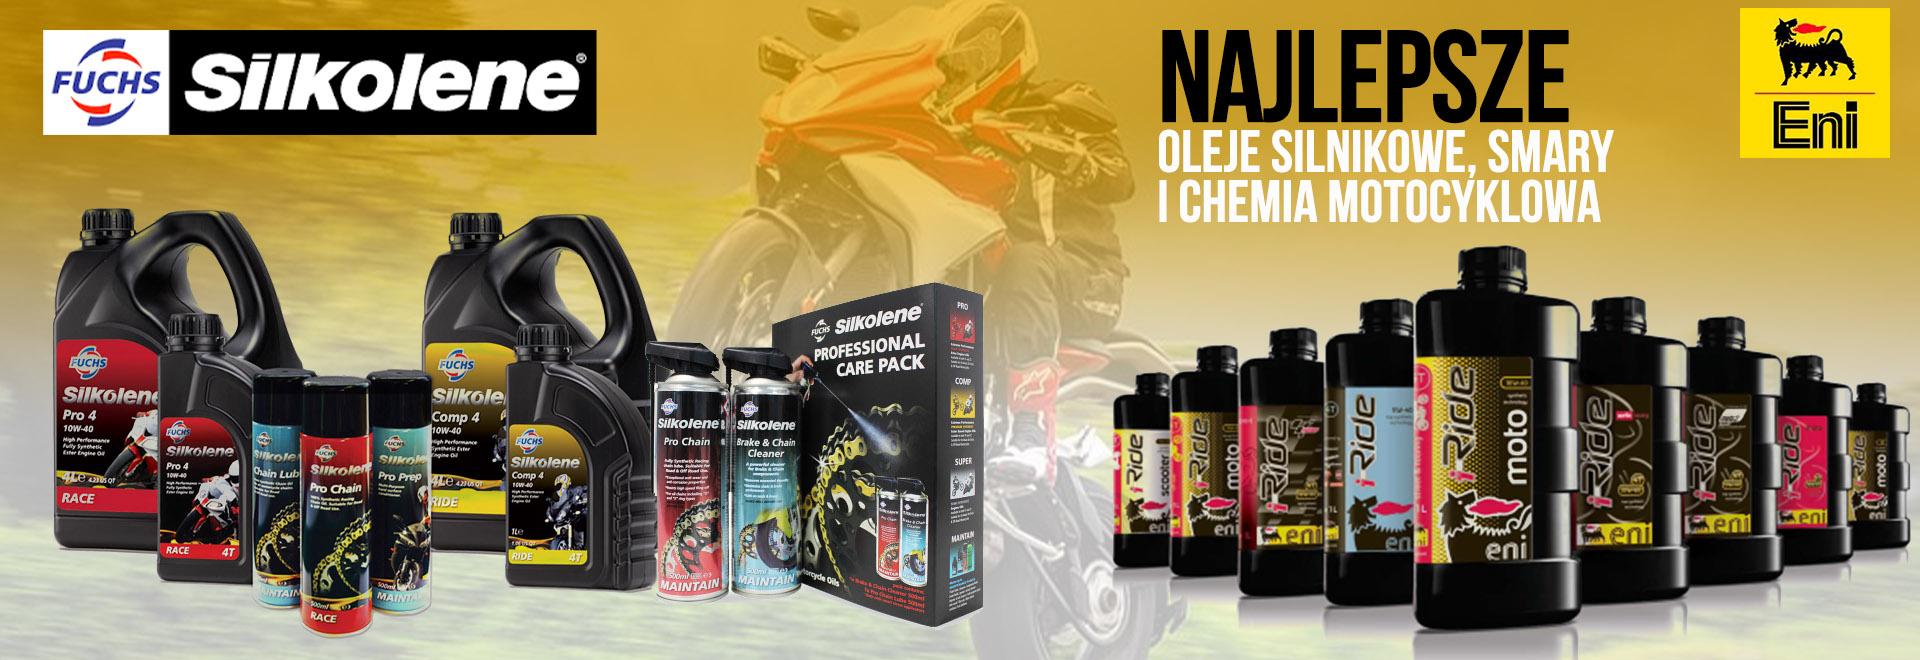 oleje-i-chemia-motocyklowa